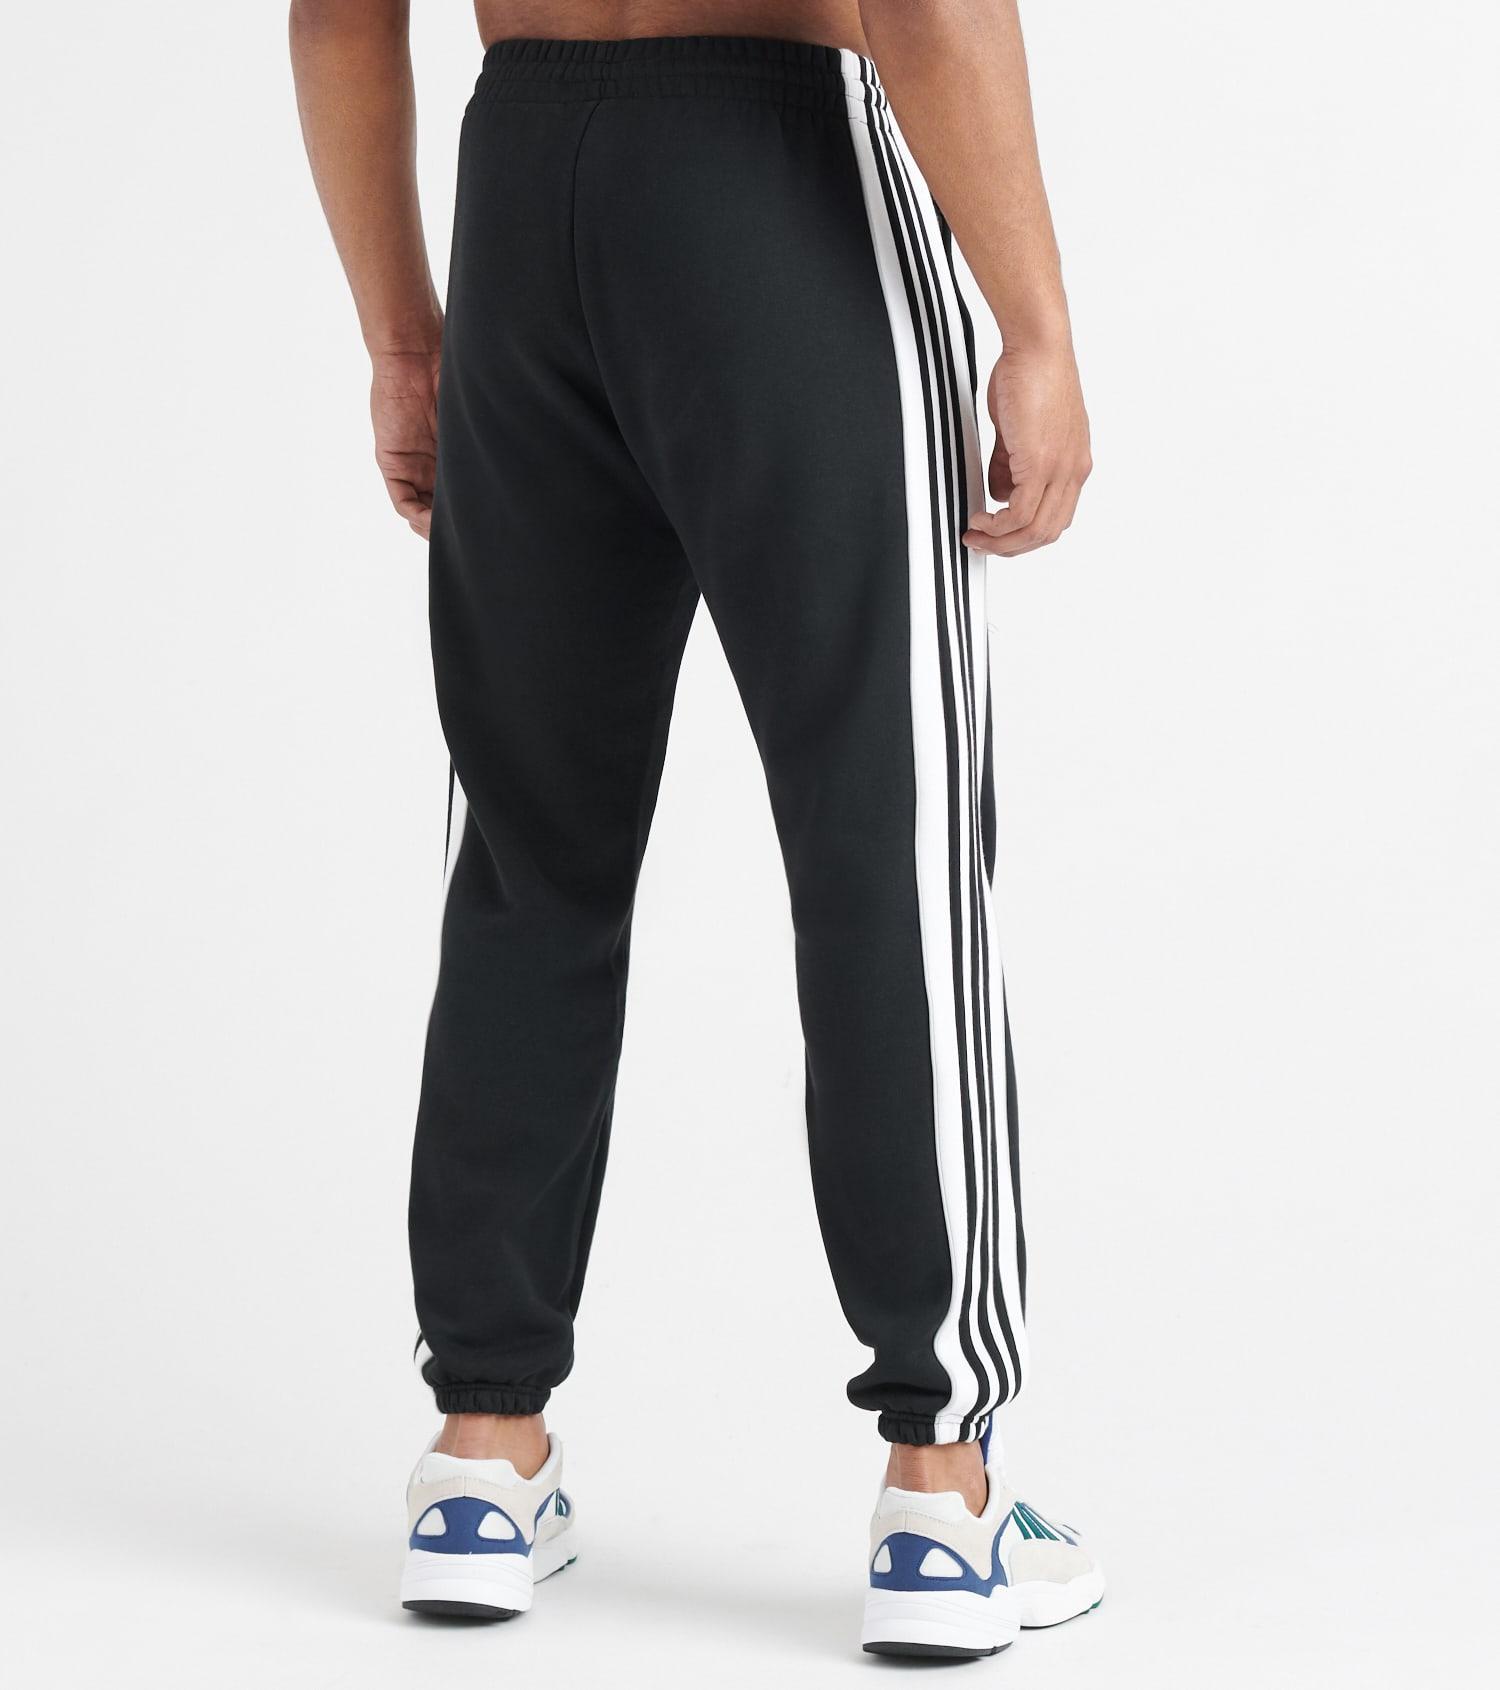 3 Stripe Panel Pants